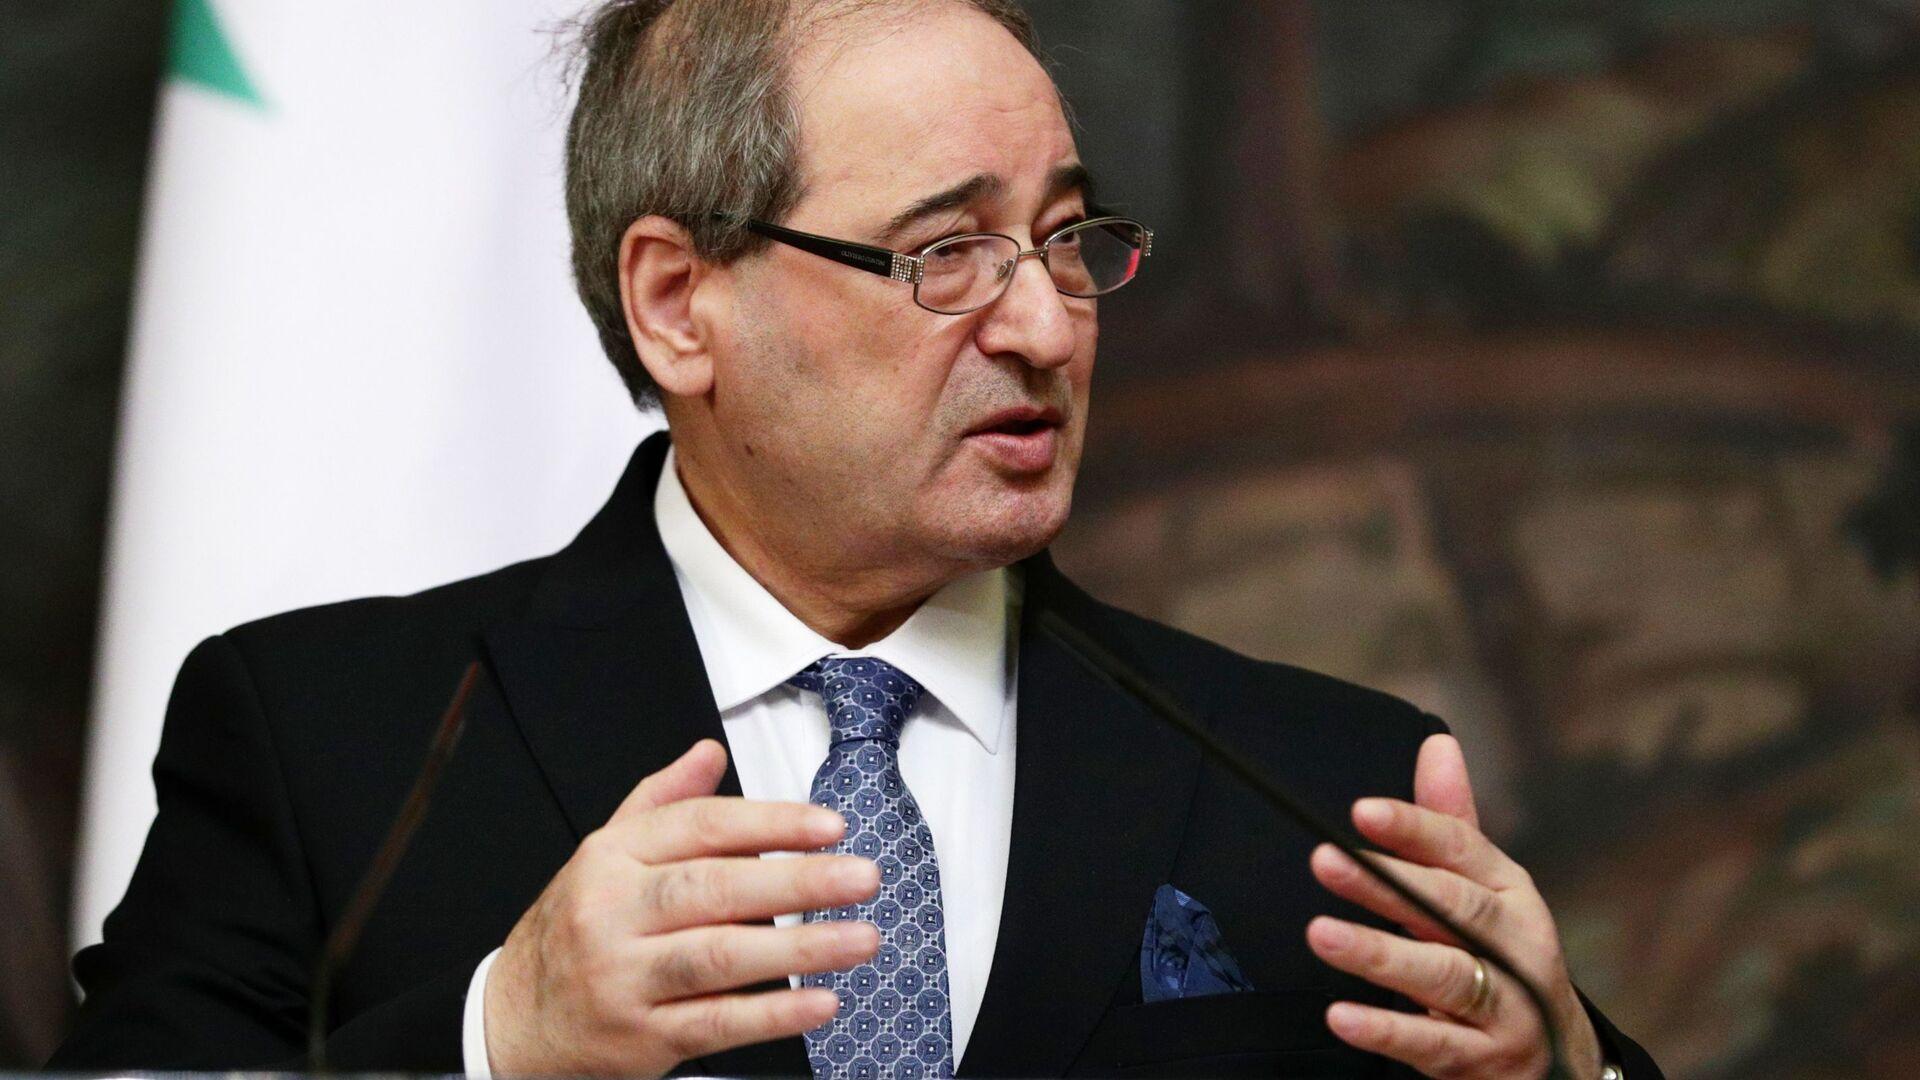 Министр иностранных дел и по делам соотечественников за рубежом Сирии Фейсал Микдад - Sputnik Армения, 1920, 27.09.2021